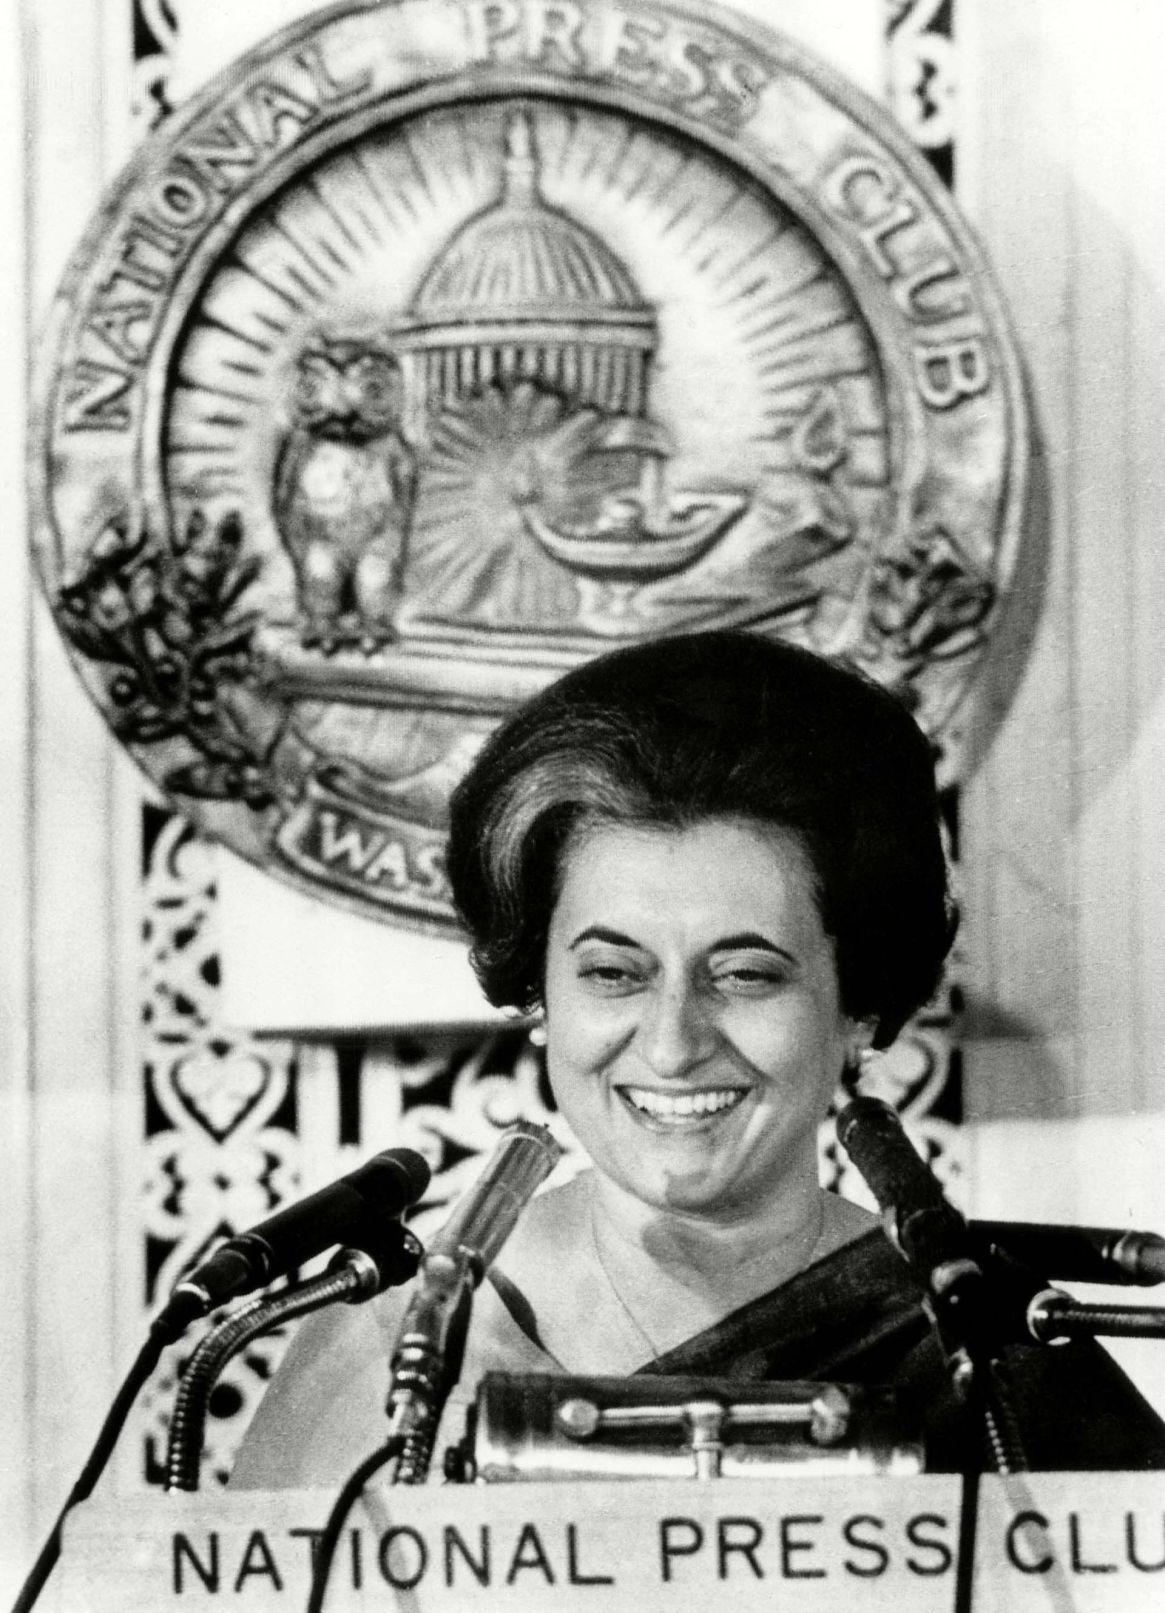 Indira Ghandi al hablar en un almuerzo en el National Press Club de Washington, el 29 de marzo de 1966